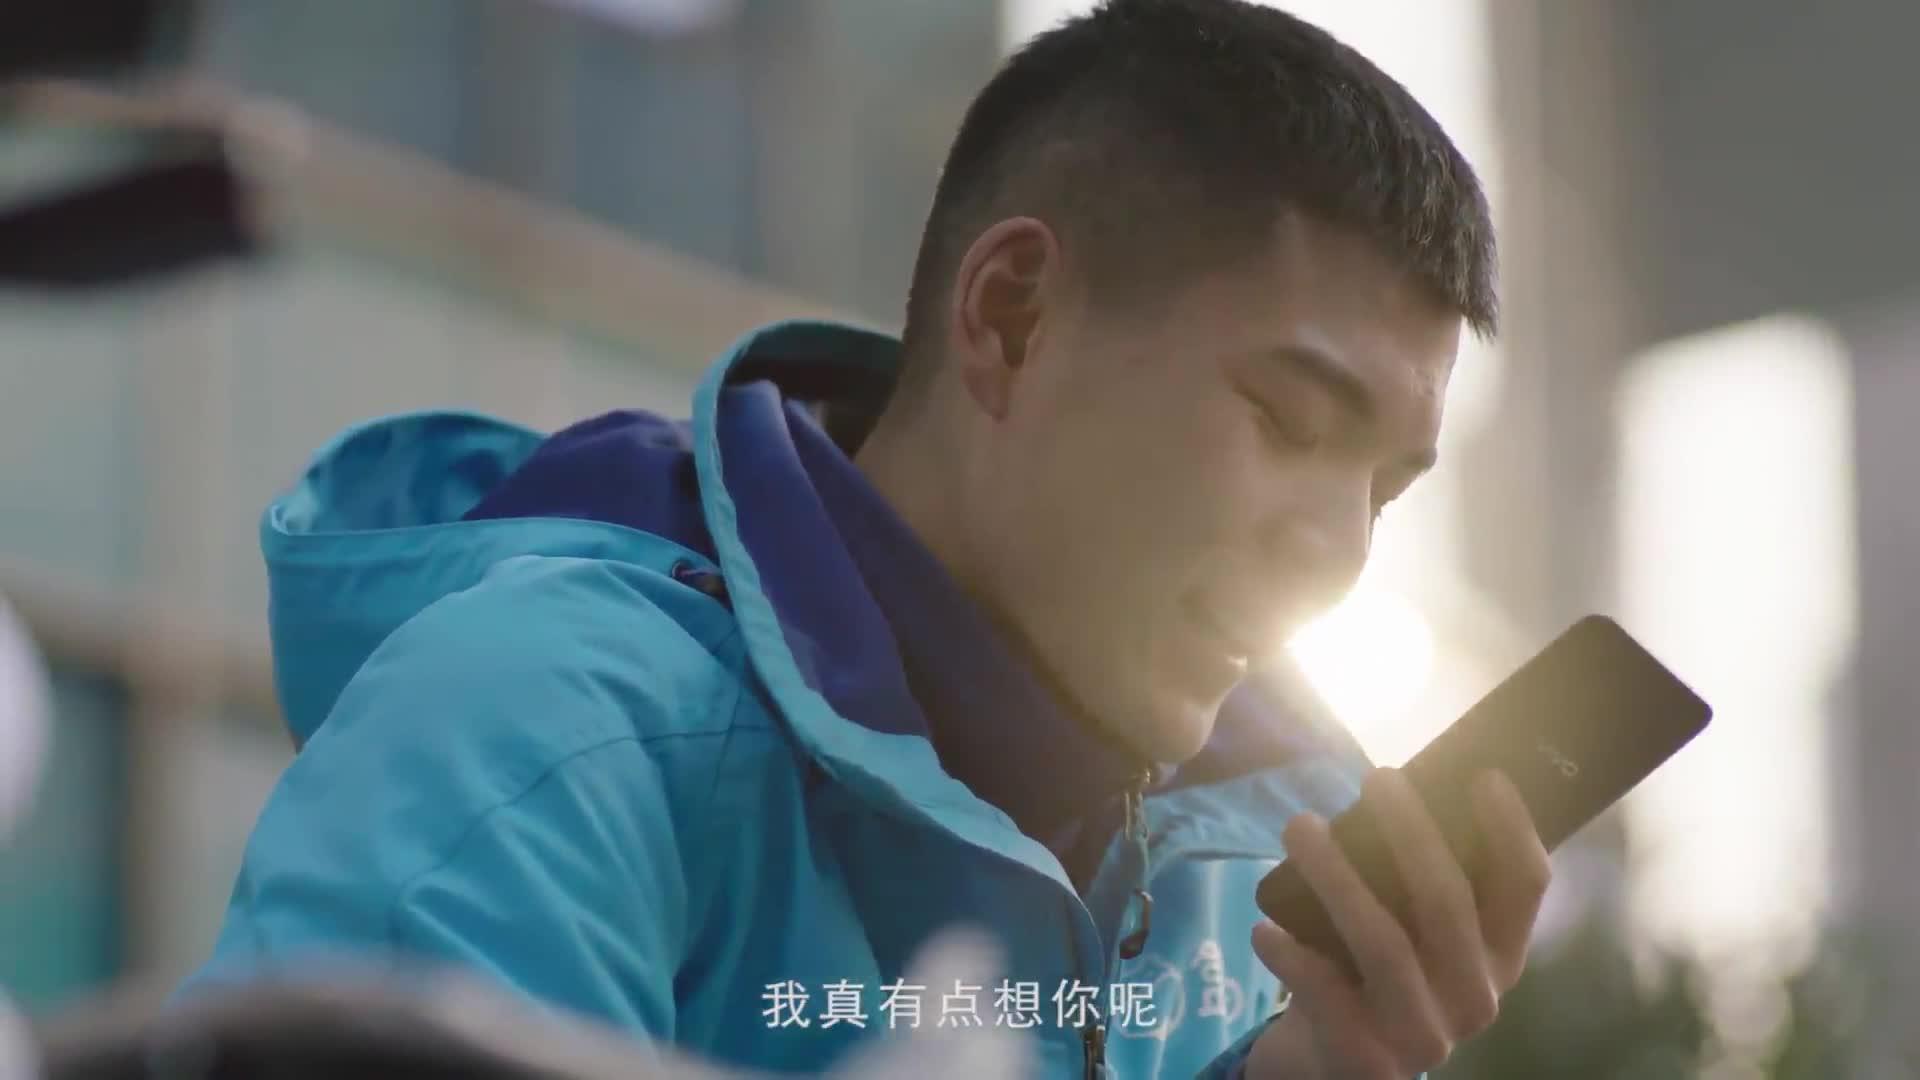 [视频]暖心微视频丨在一起的味道